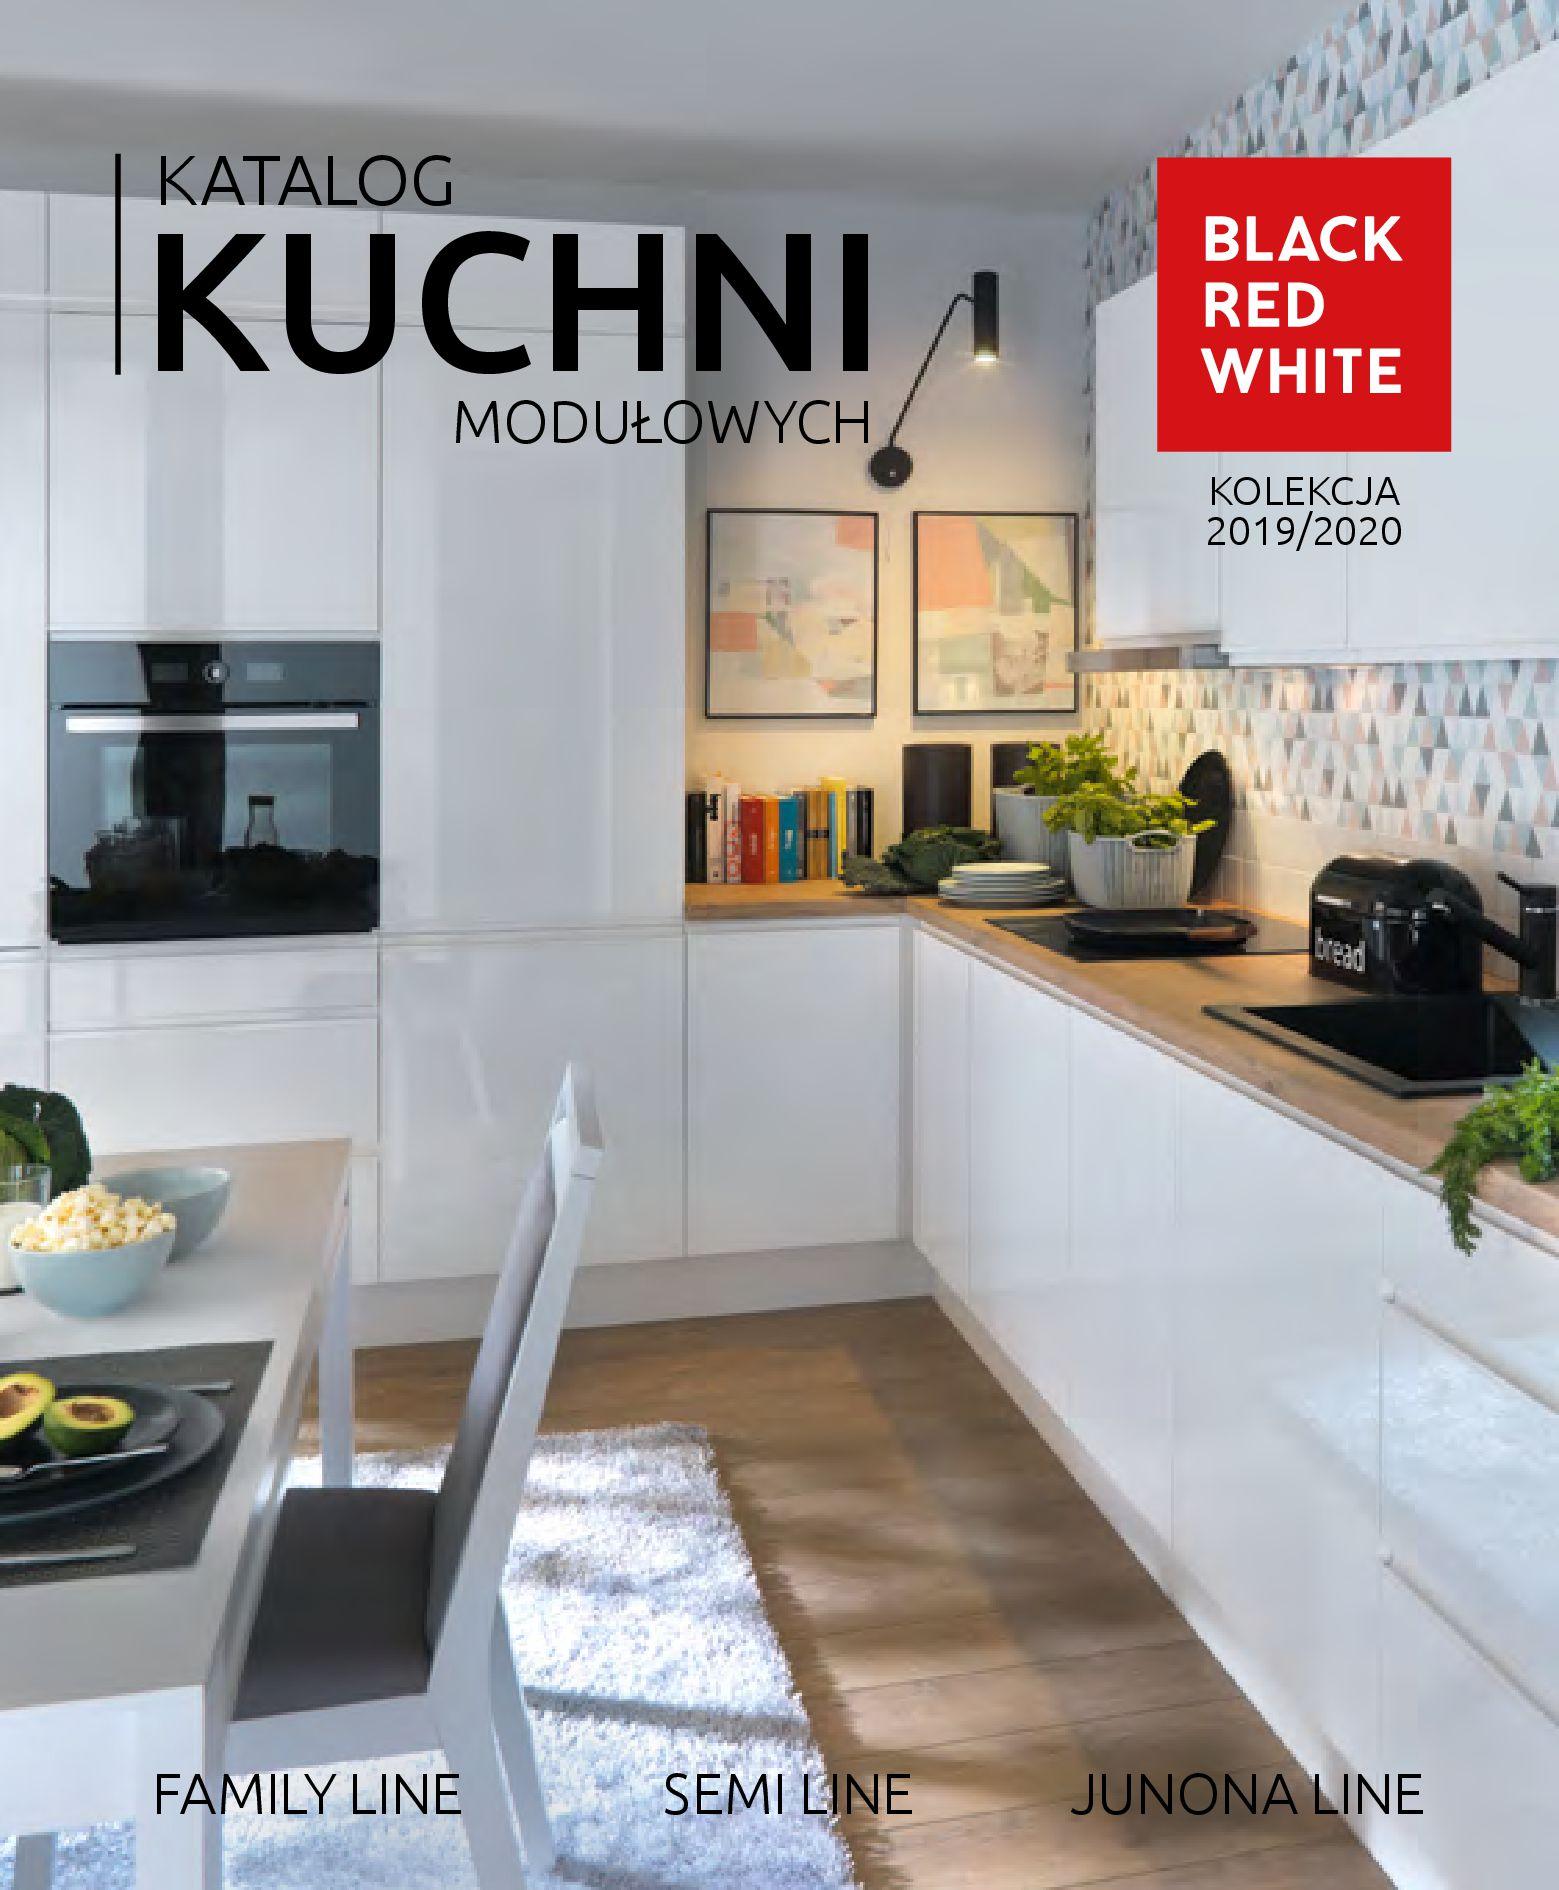 Gazetka Black Red White - Katalog - Kuchnie modułowe-31.03.2019-31.12.2020-page-1